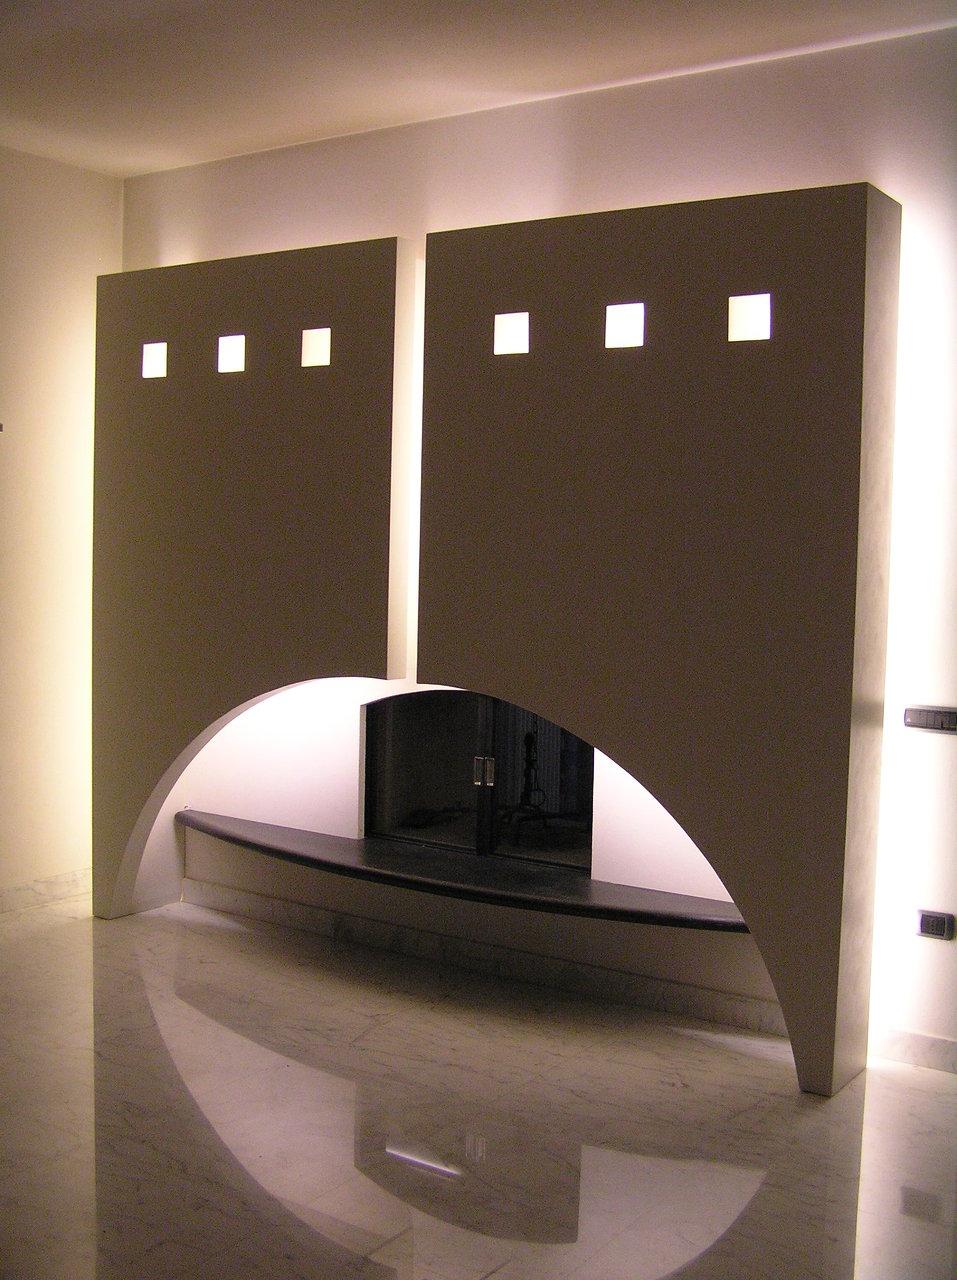 Arredamento villetta - camino sala